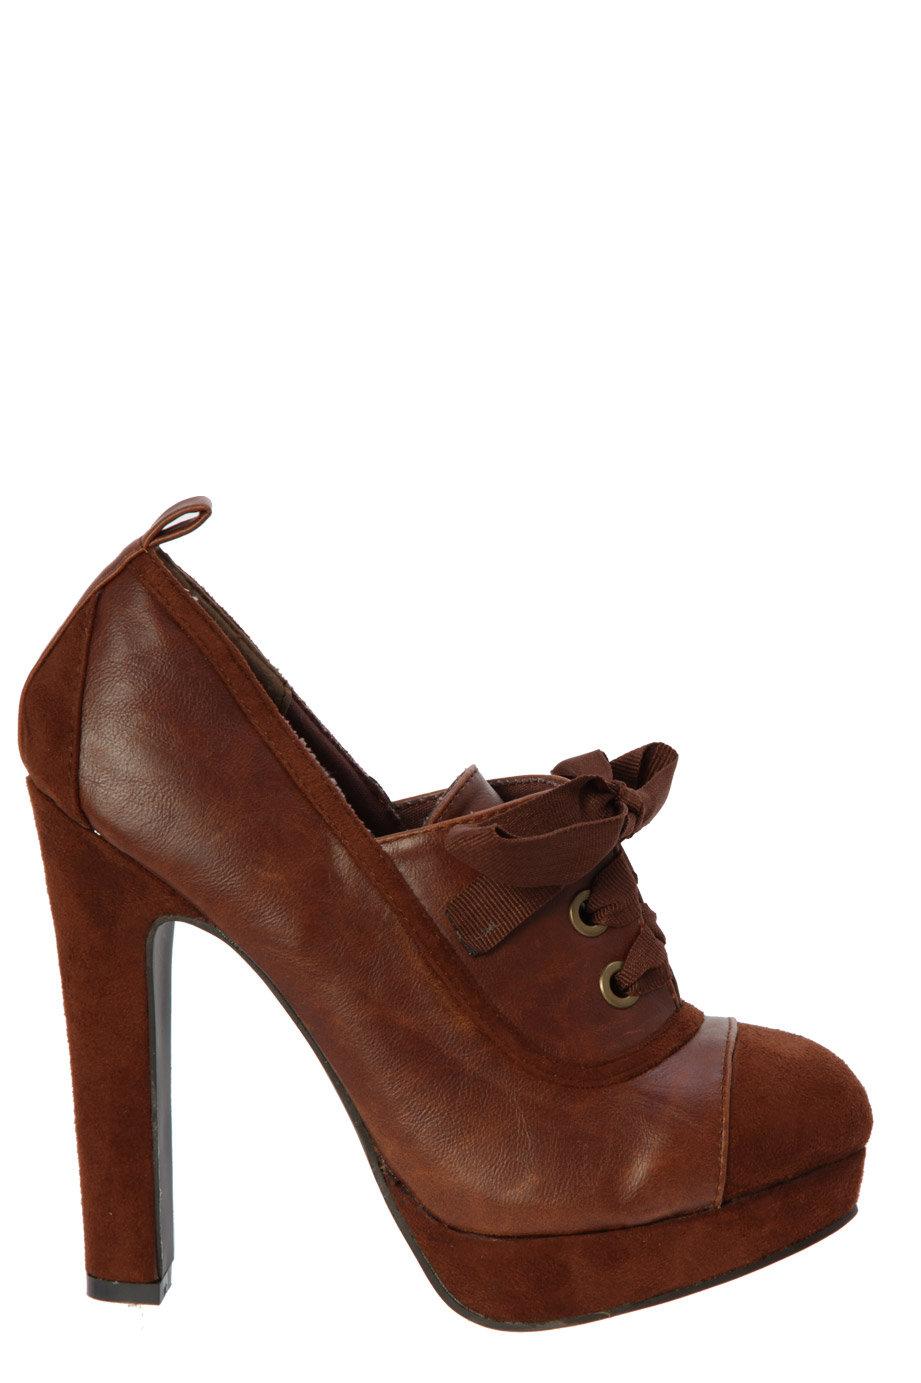 Pendientes louboutins shoes passion - El armario d la tele com ...